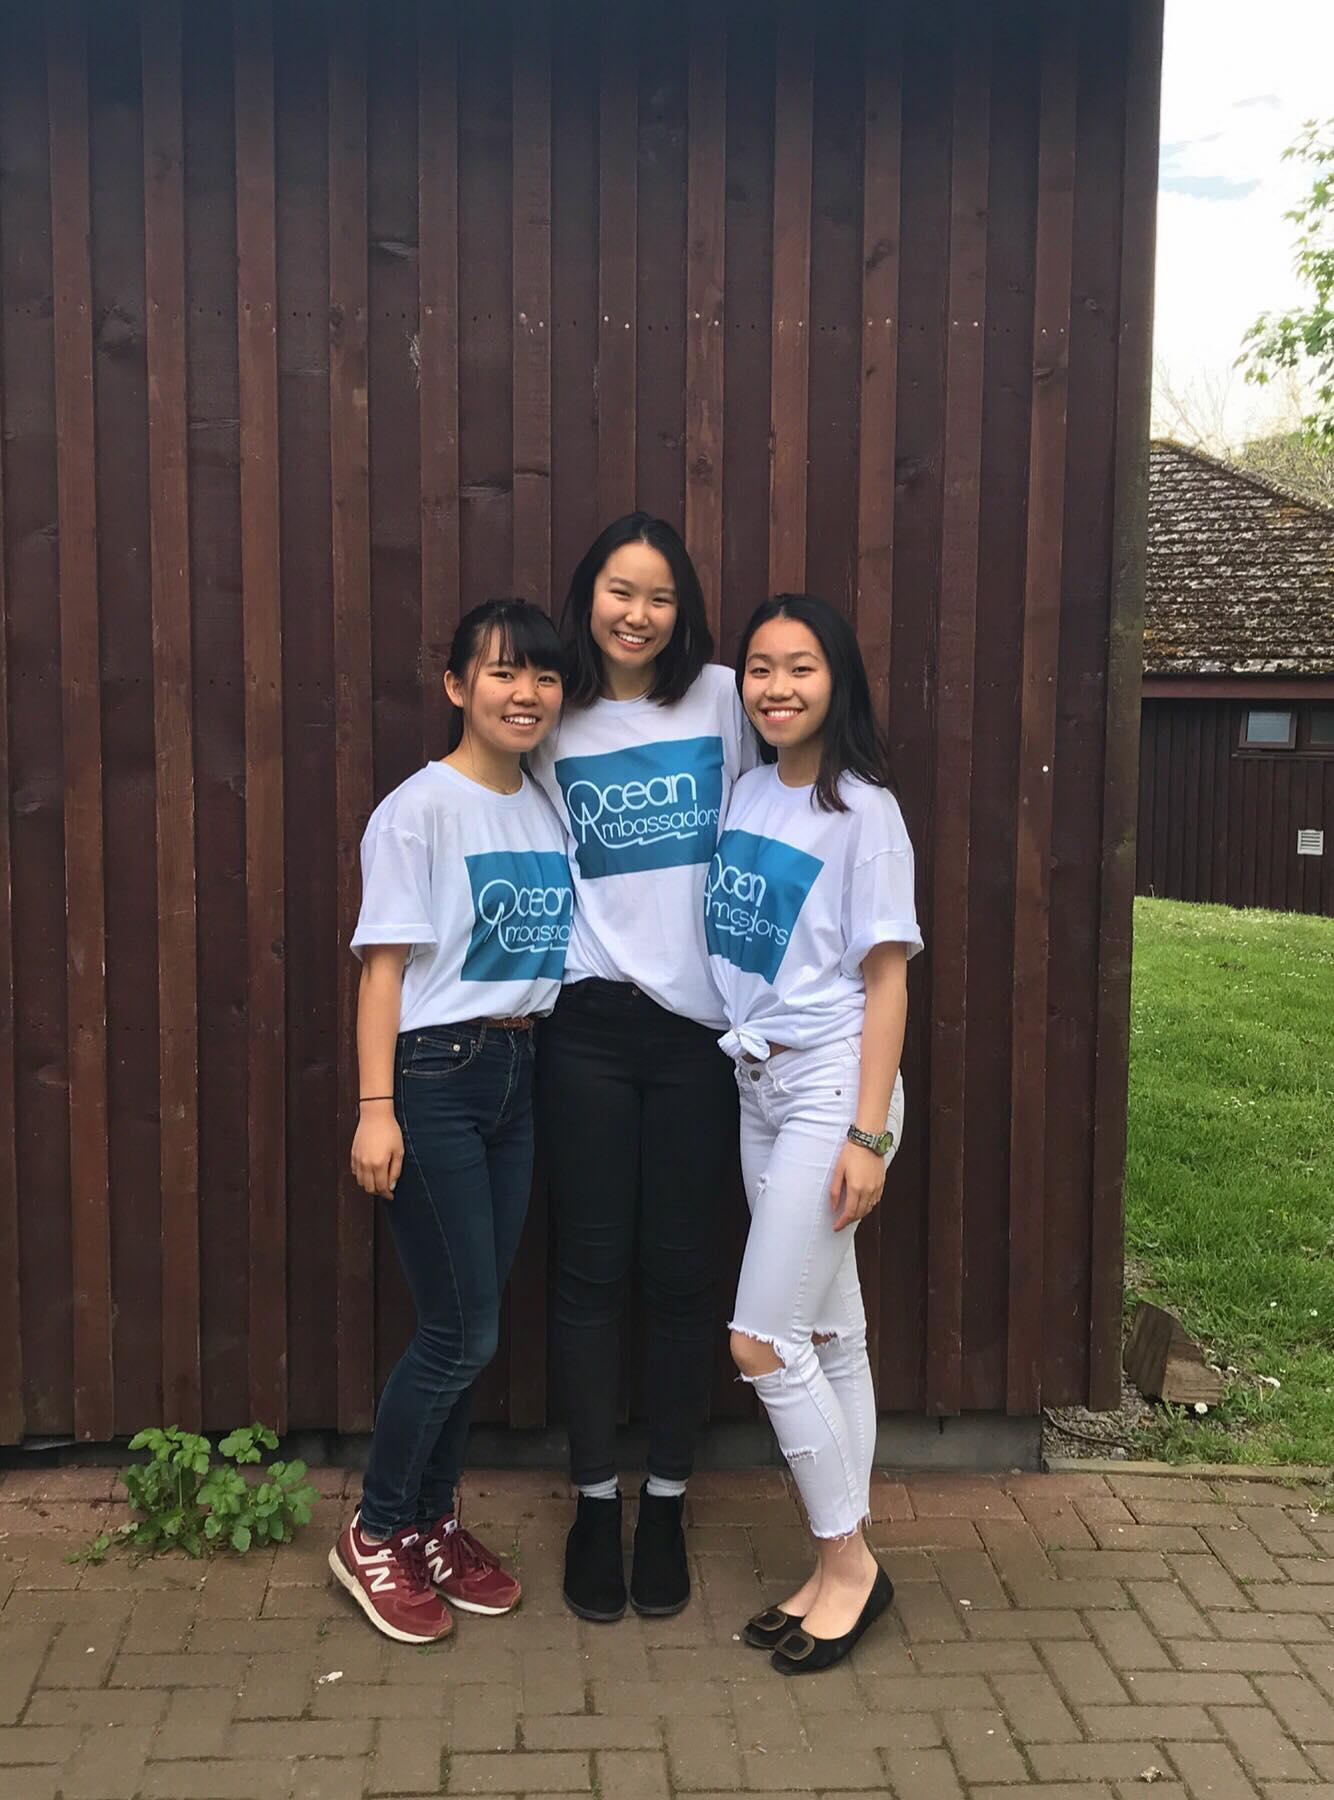 Left to right: Asako Kitai (Japan), Napat Luanpolcharoenchai (Thailand), and Hayley Lai (Hong Kong & Canada)